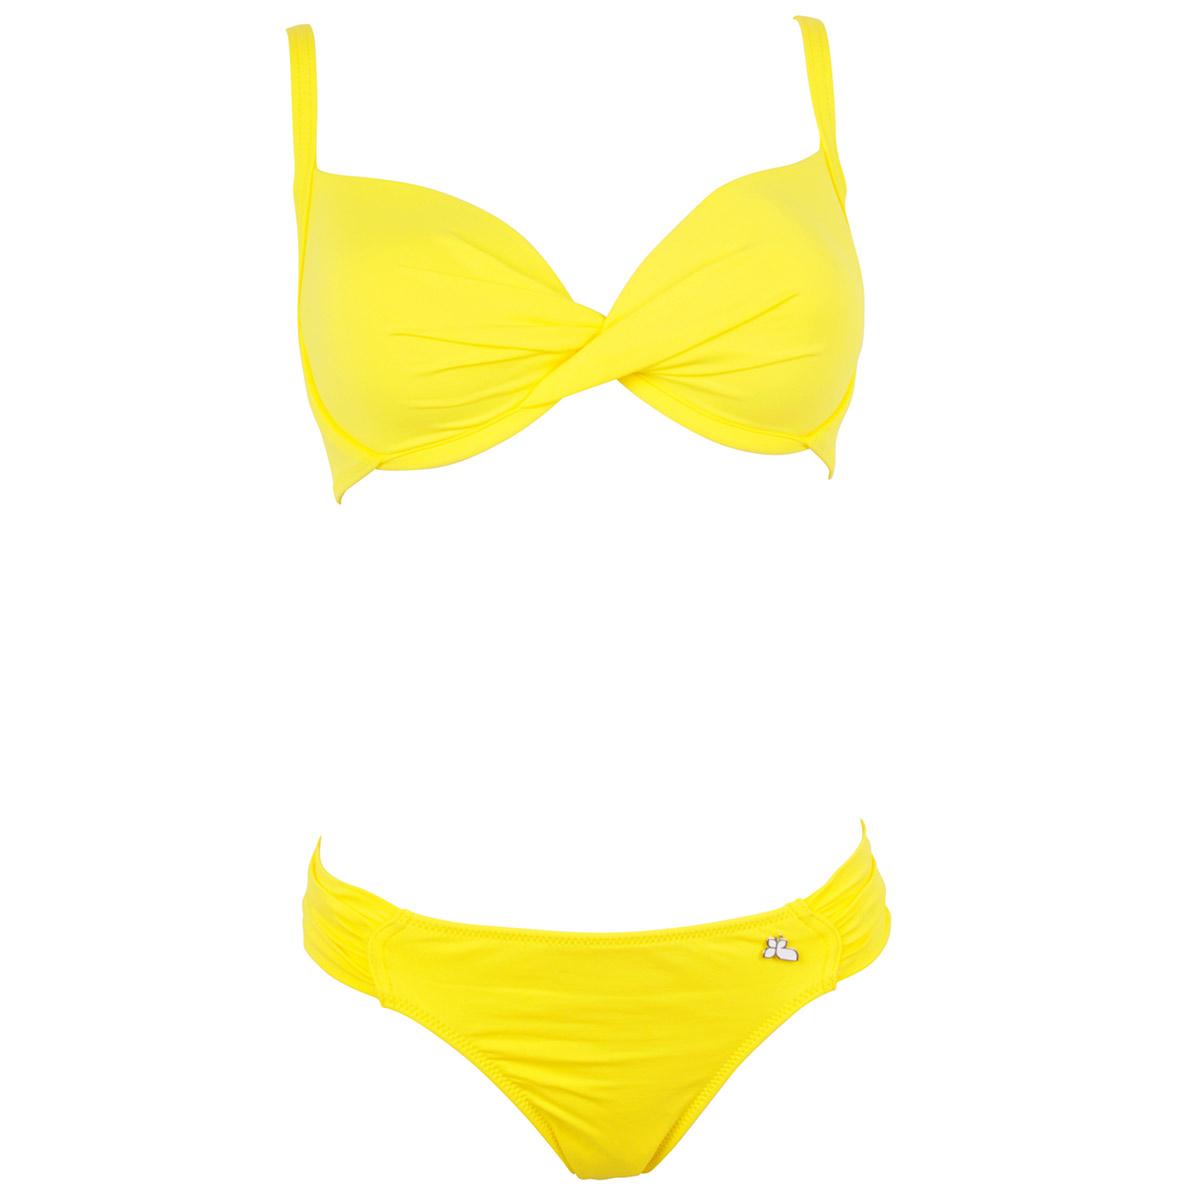 maillot de bain 2 pi ces bonnet d jaune unicool forte. Black Bedroom Furniture Sets. Home Design Ideas